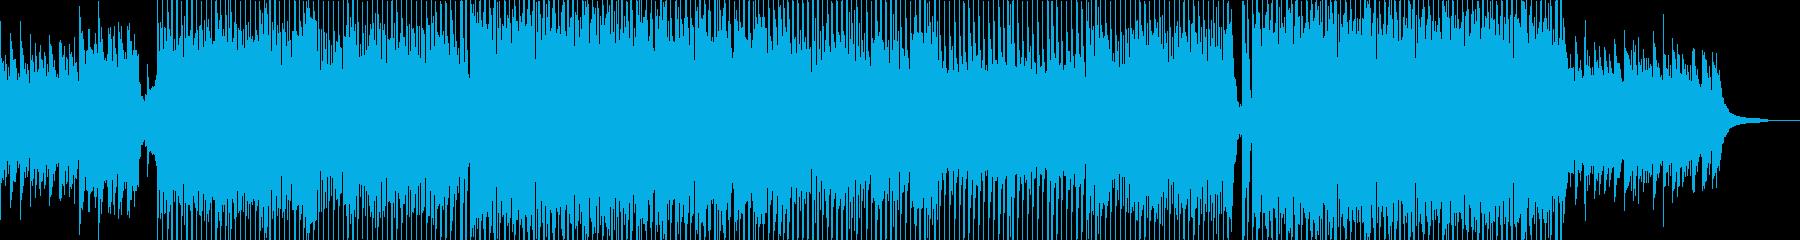 前向きなイメージのオープニングの再生済みの波形